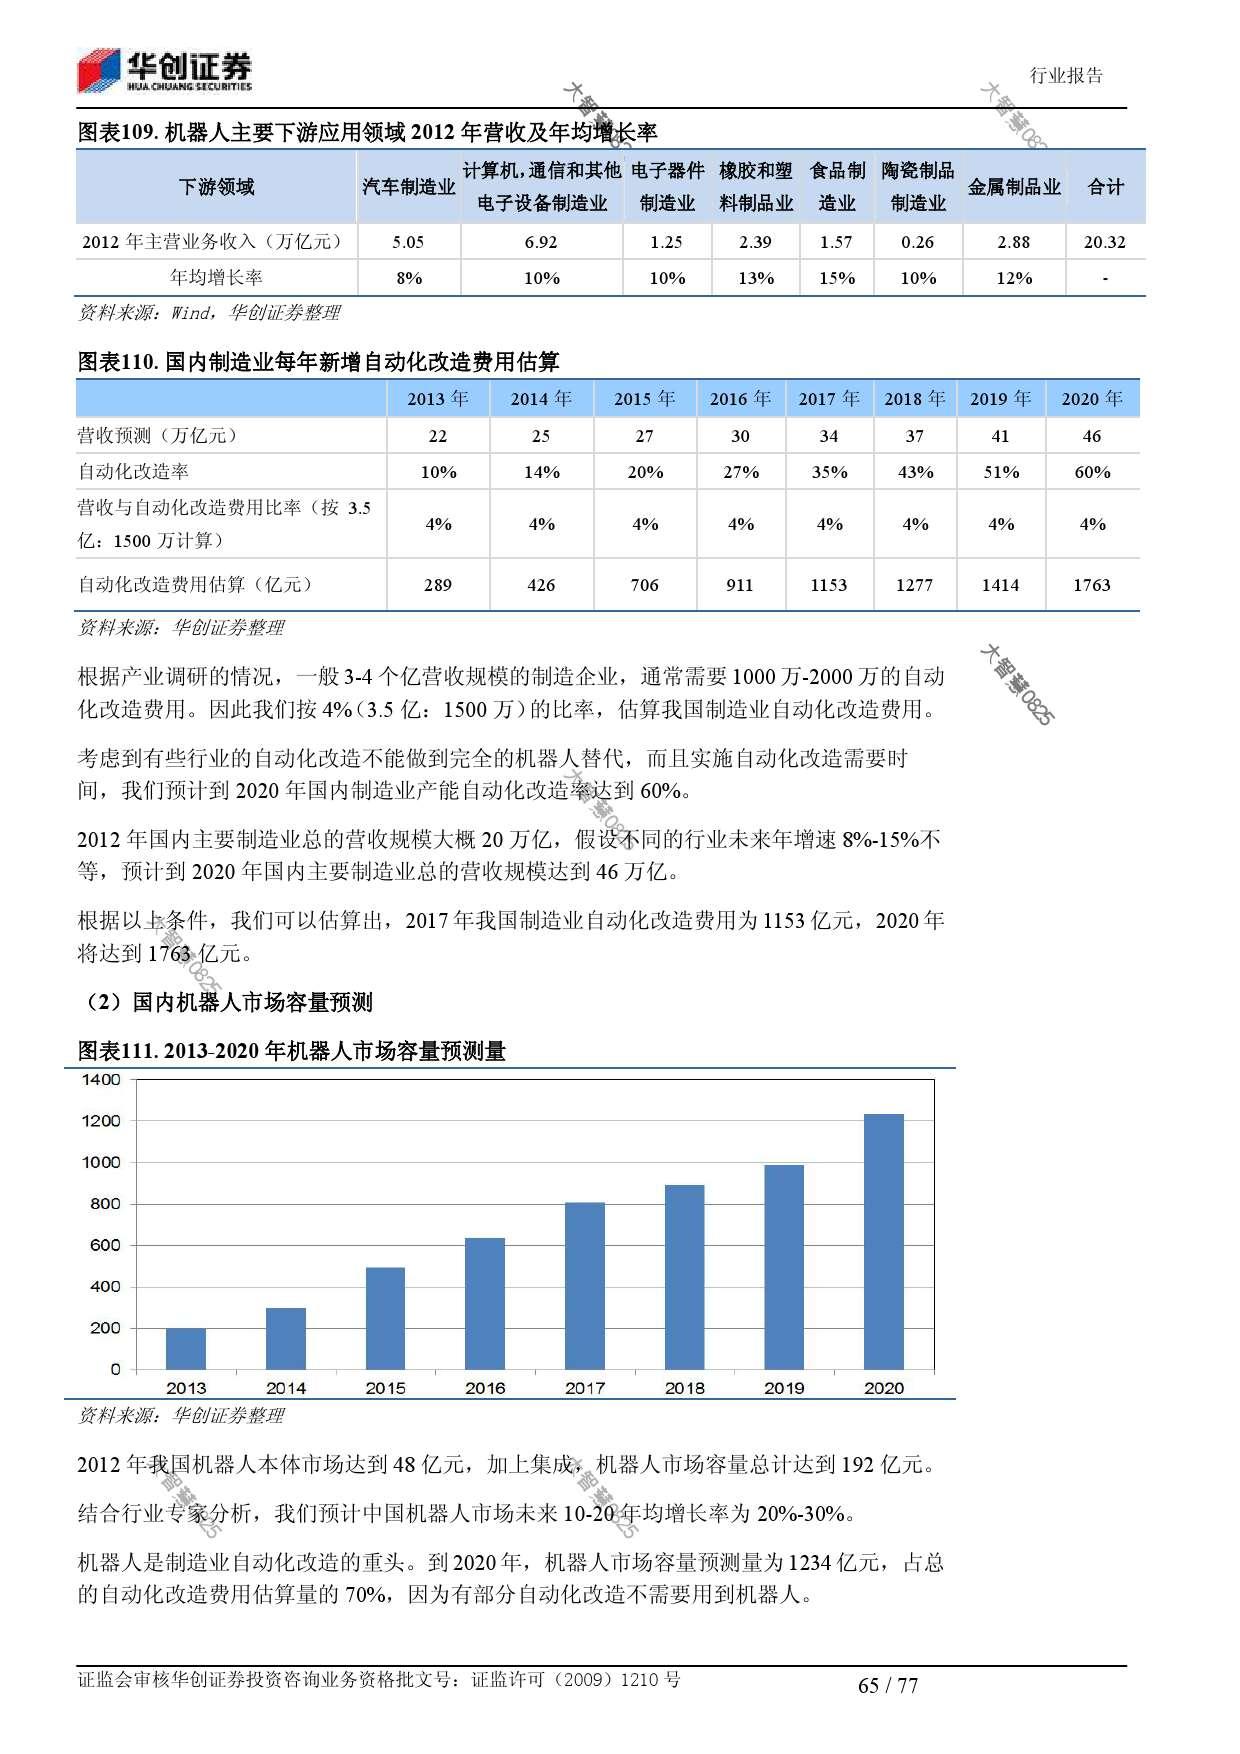 行业研究_华创证券_刘国清,鲁佩_机械设备:机器人大趋势_2014021_000065